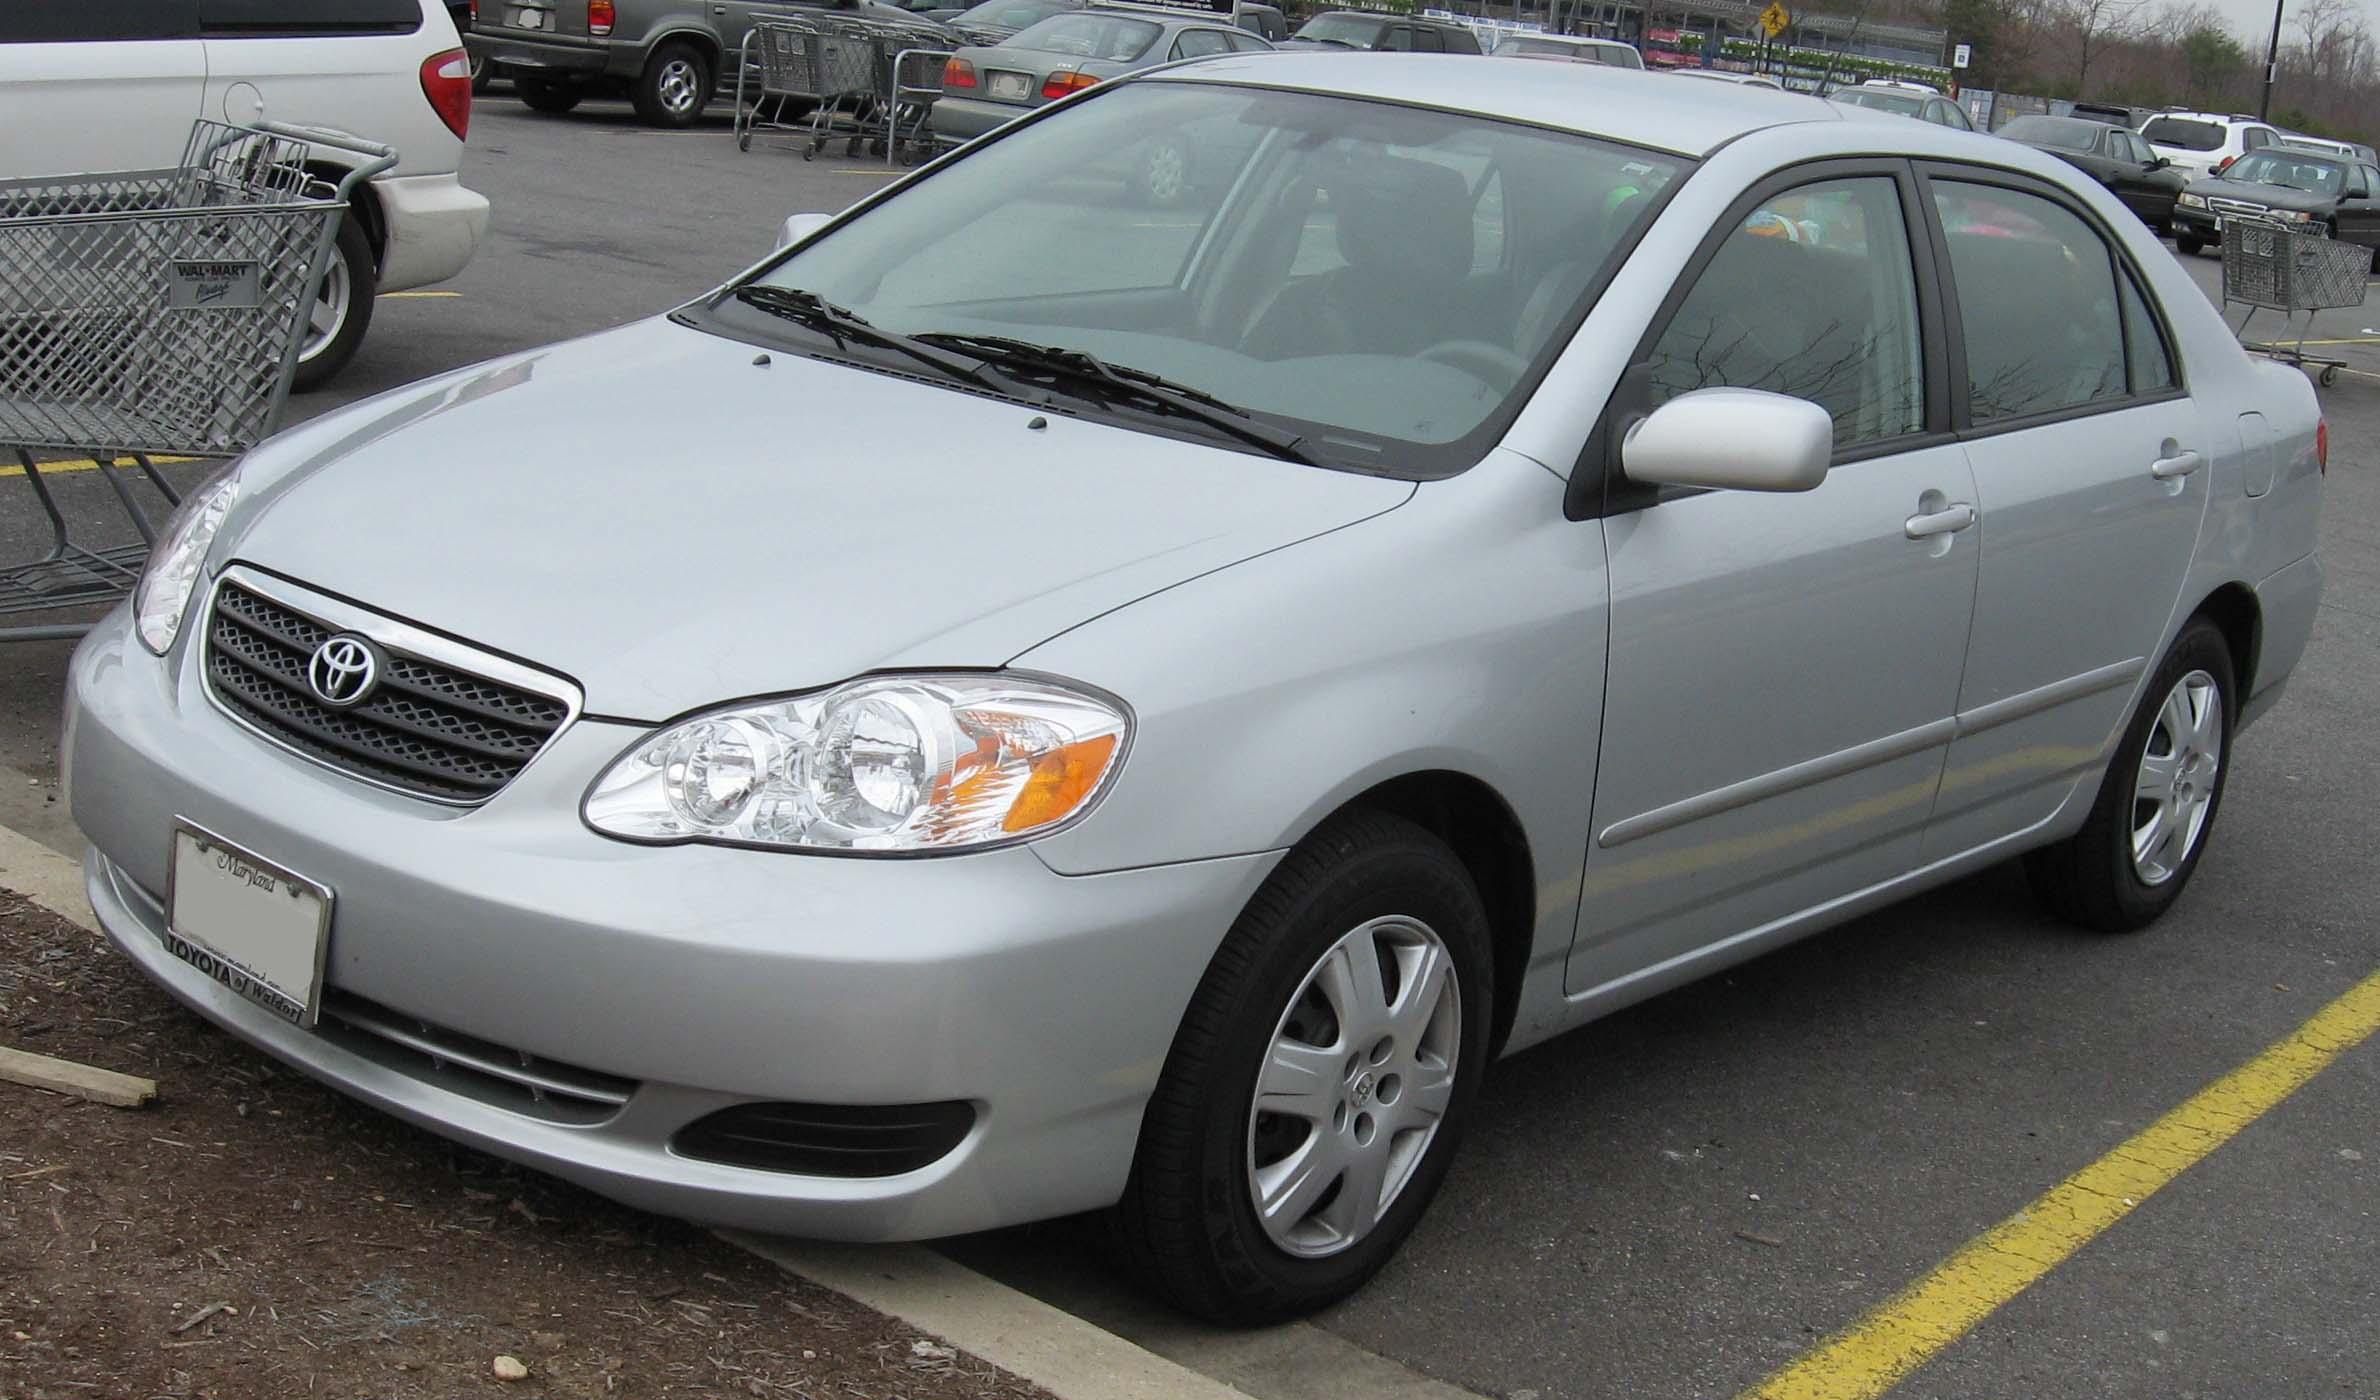 2007 Toyota Corolla Image 14